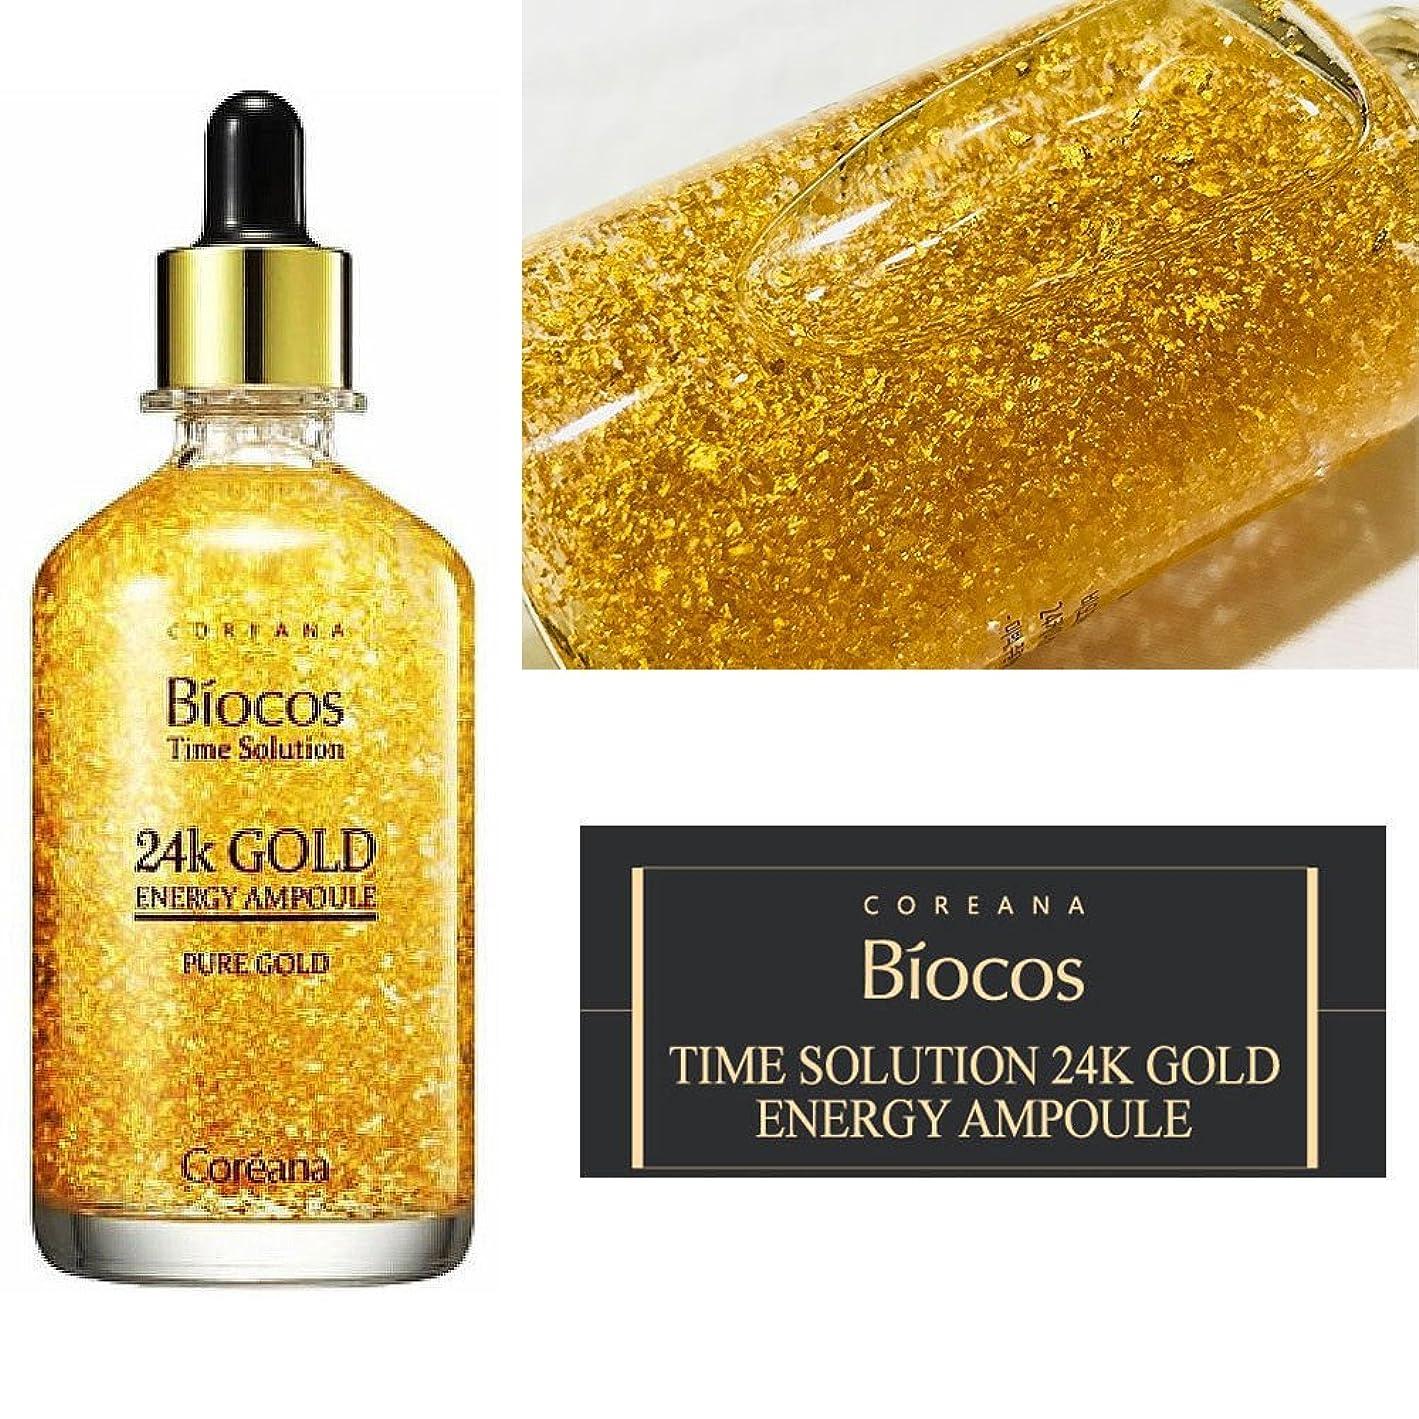 債務自宅で判定[COREANA] Biocos Time Solution 24kゴールドエナジーアンプル100ml/[COREANA] Biocos Time Solution 24K Gold Energy Ampoule - 100ml